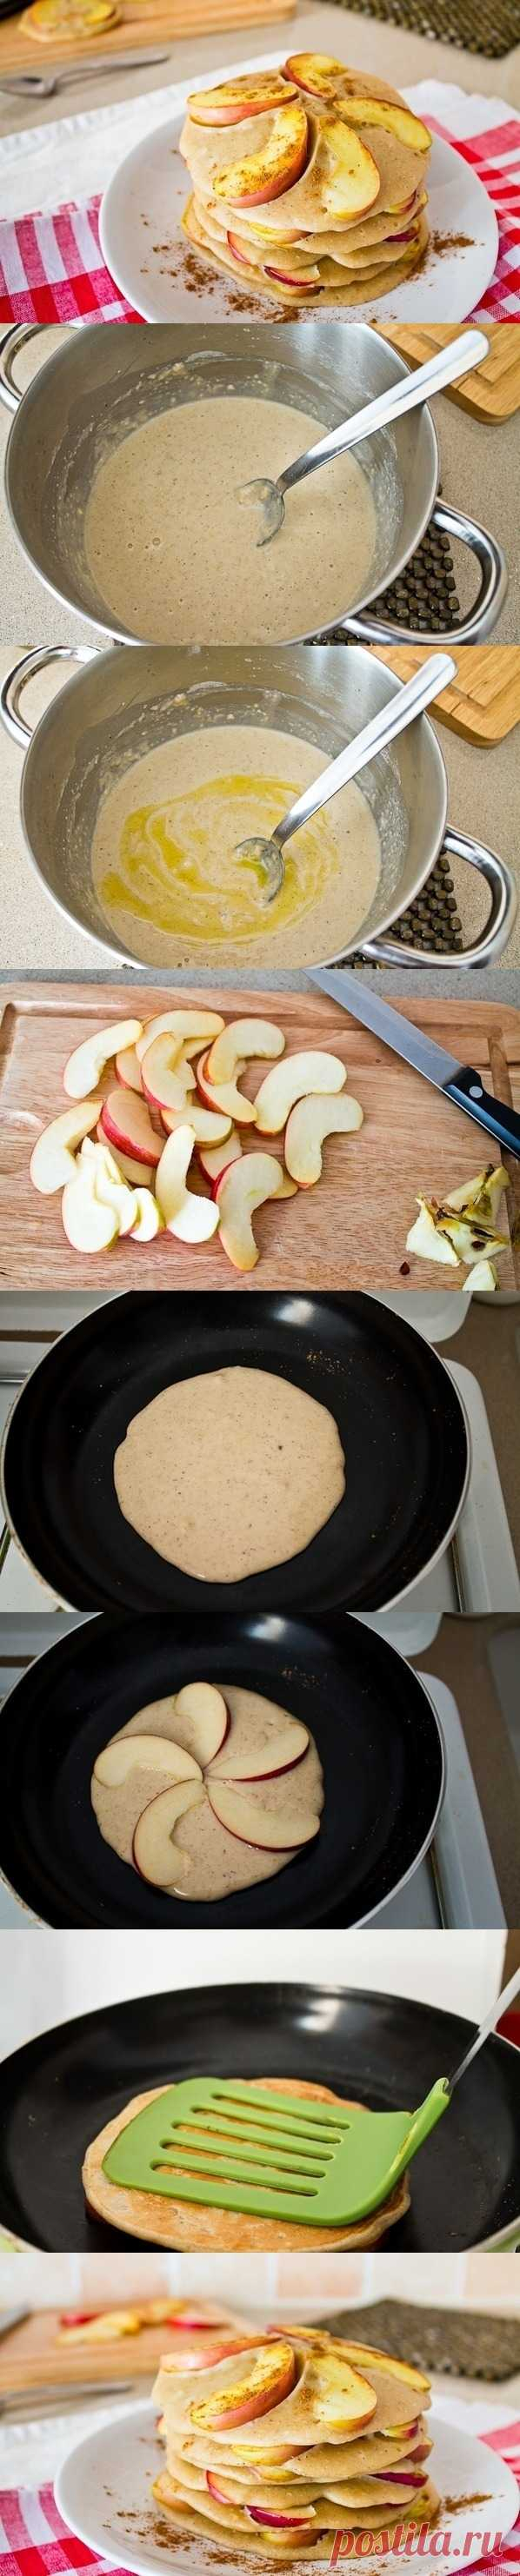 Коричные блинчики с яблоками. (Описание по клику на картинку).